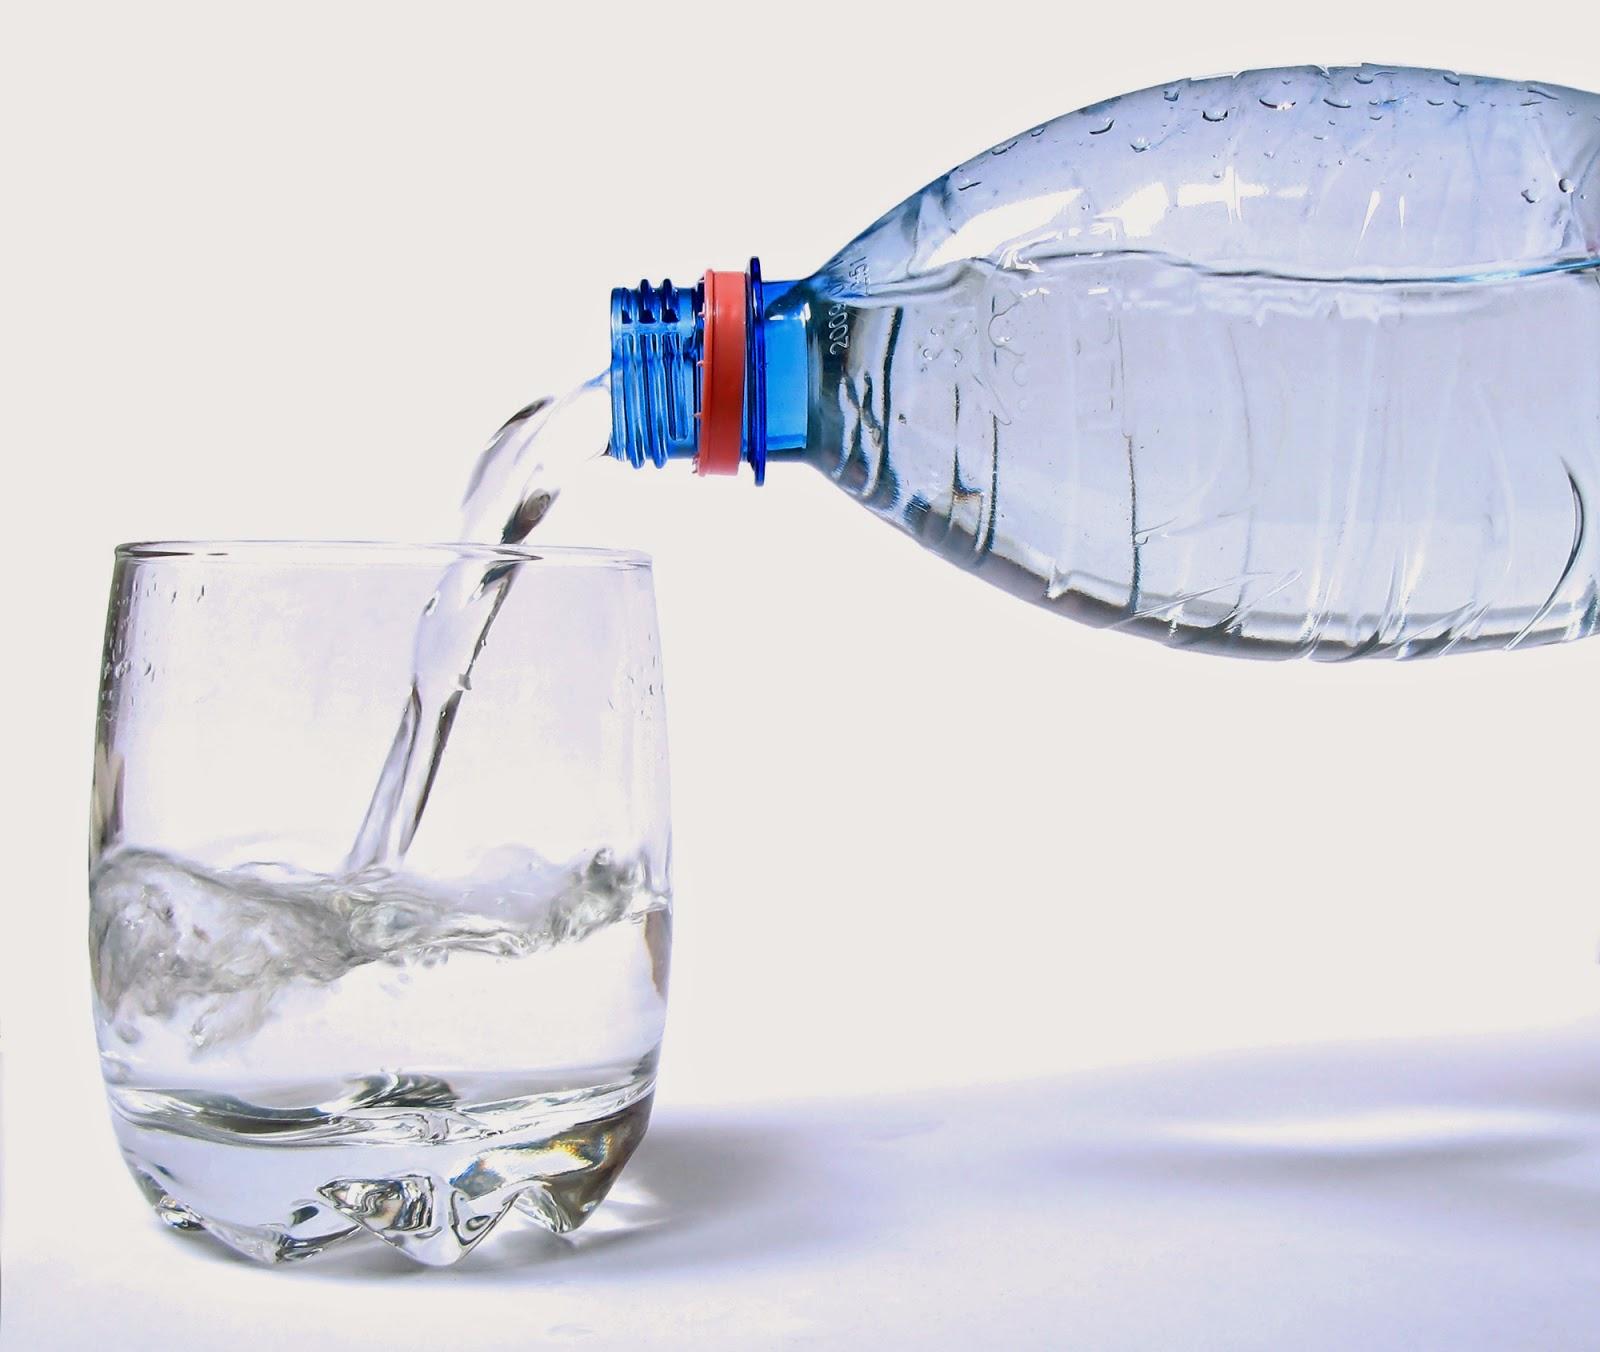 Tác dụng của việc uống nhiều nước